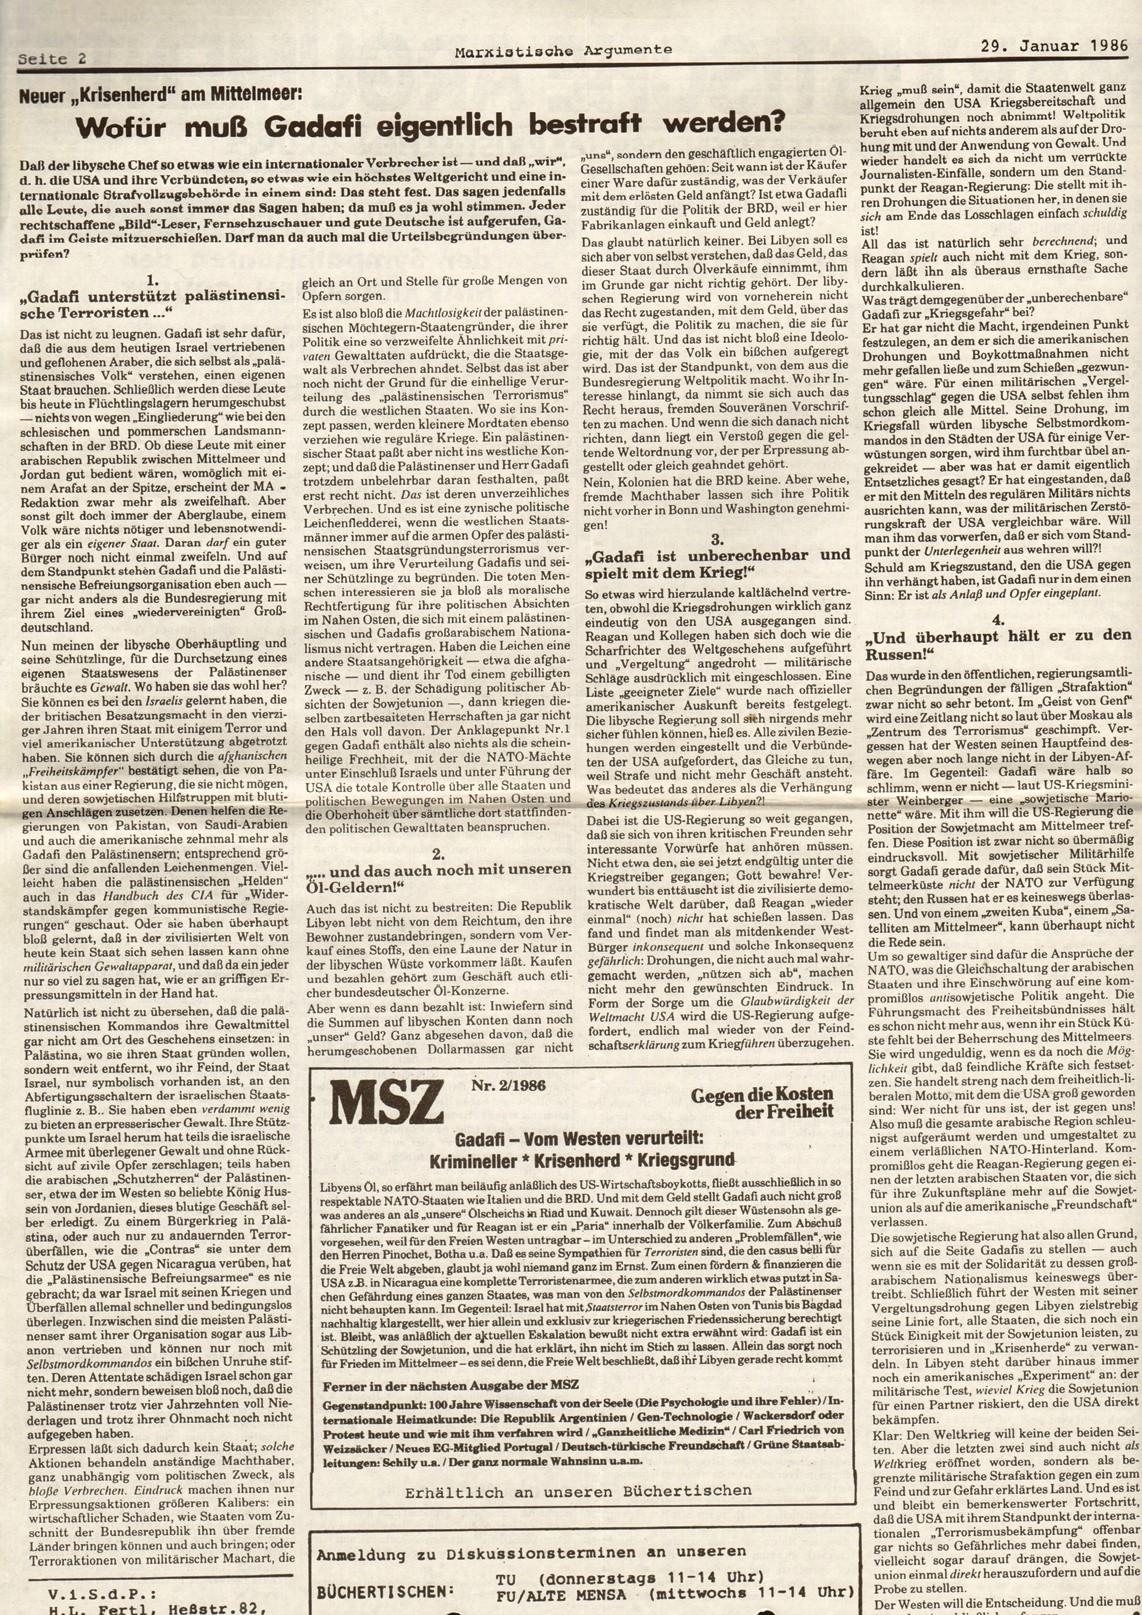 Berlin_MG_Symp_Argumente_19860129_02